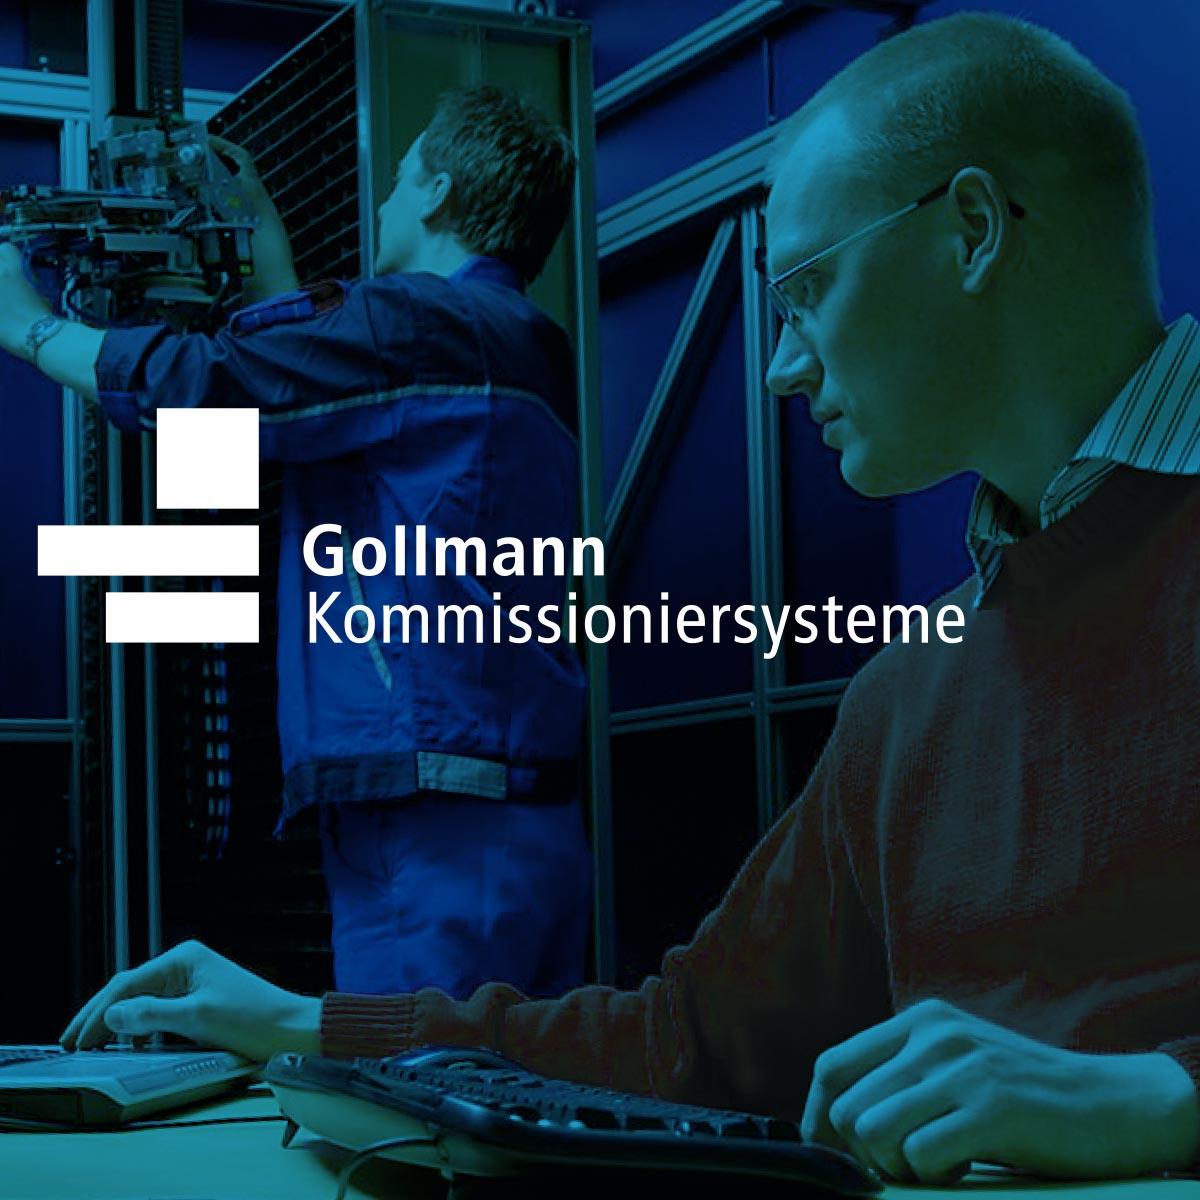 Gollmann Kommissioniersystem: Logo und Bildwelt